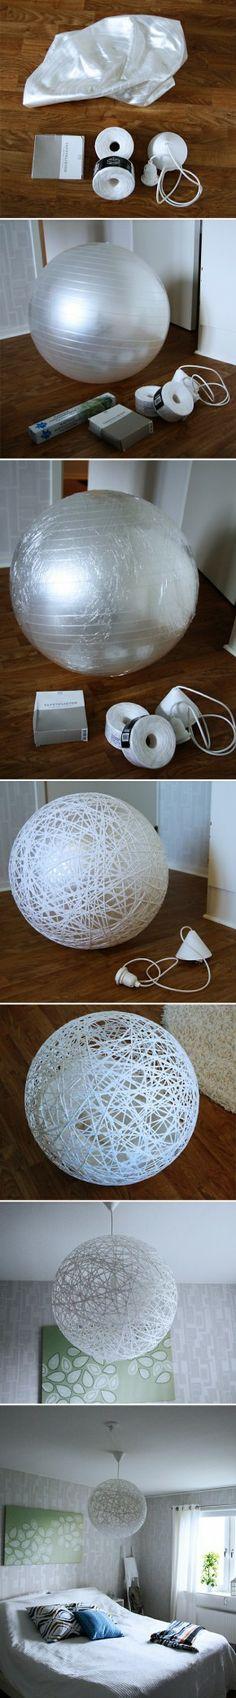 Nodig: pilate ball (stevige ballon), behangerslijm, (papierachtig) koord, lampfitting. Blaas de ballon op en verpak hem in plastic. Haal het koord door de behangerslijm en wikkel het om de ballon. Maak een gat voor lamp en fitting. Minstens 12 uur laten drogen. Ballon leeg laten lopen en verwijderen. Fitting vastmaken.